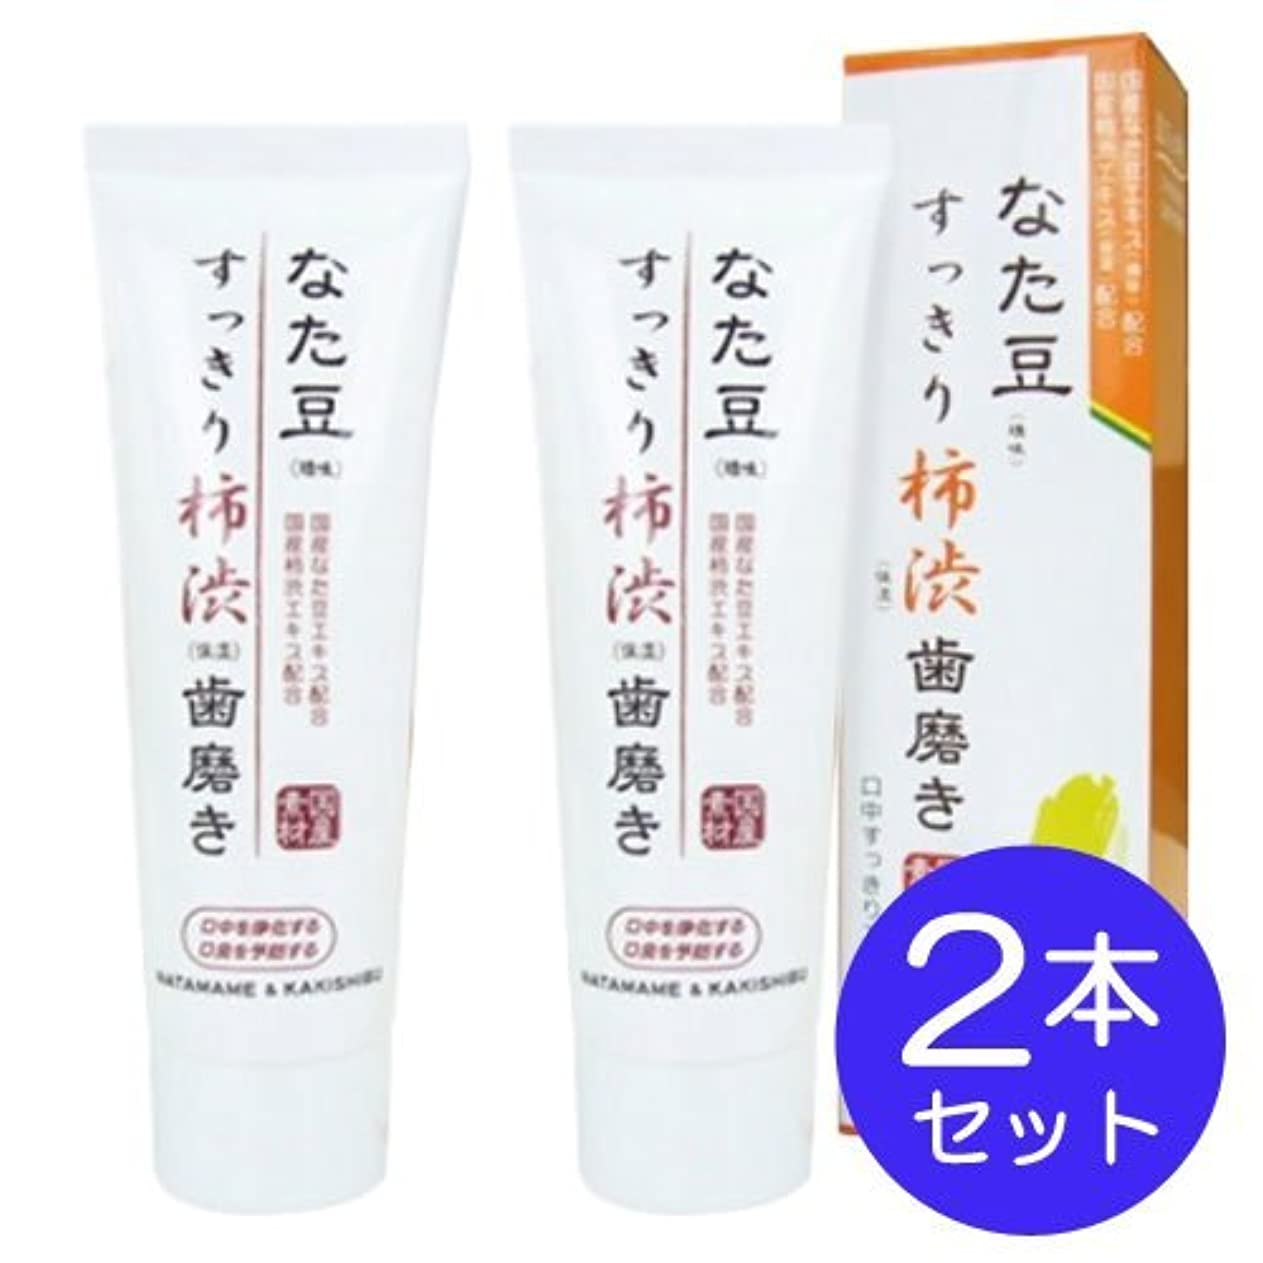 編集者シソーラスシャークなた豆すっきり柿渋歯磨き粉 (2個)